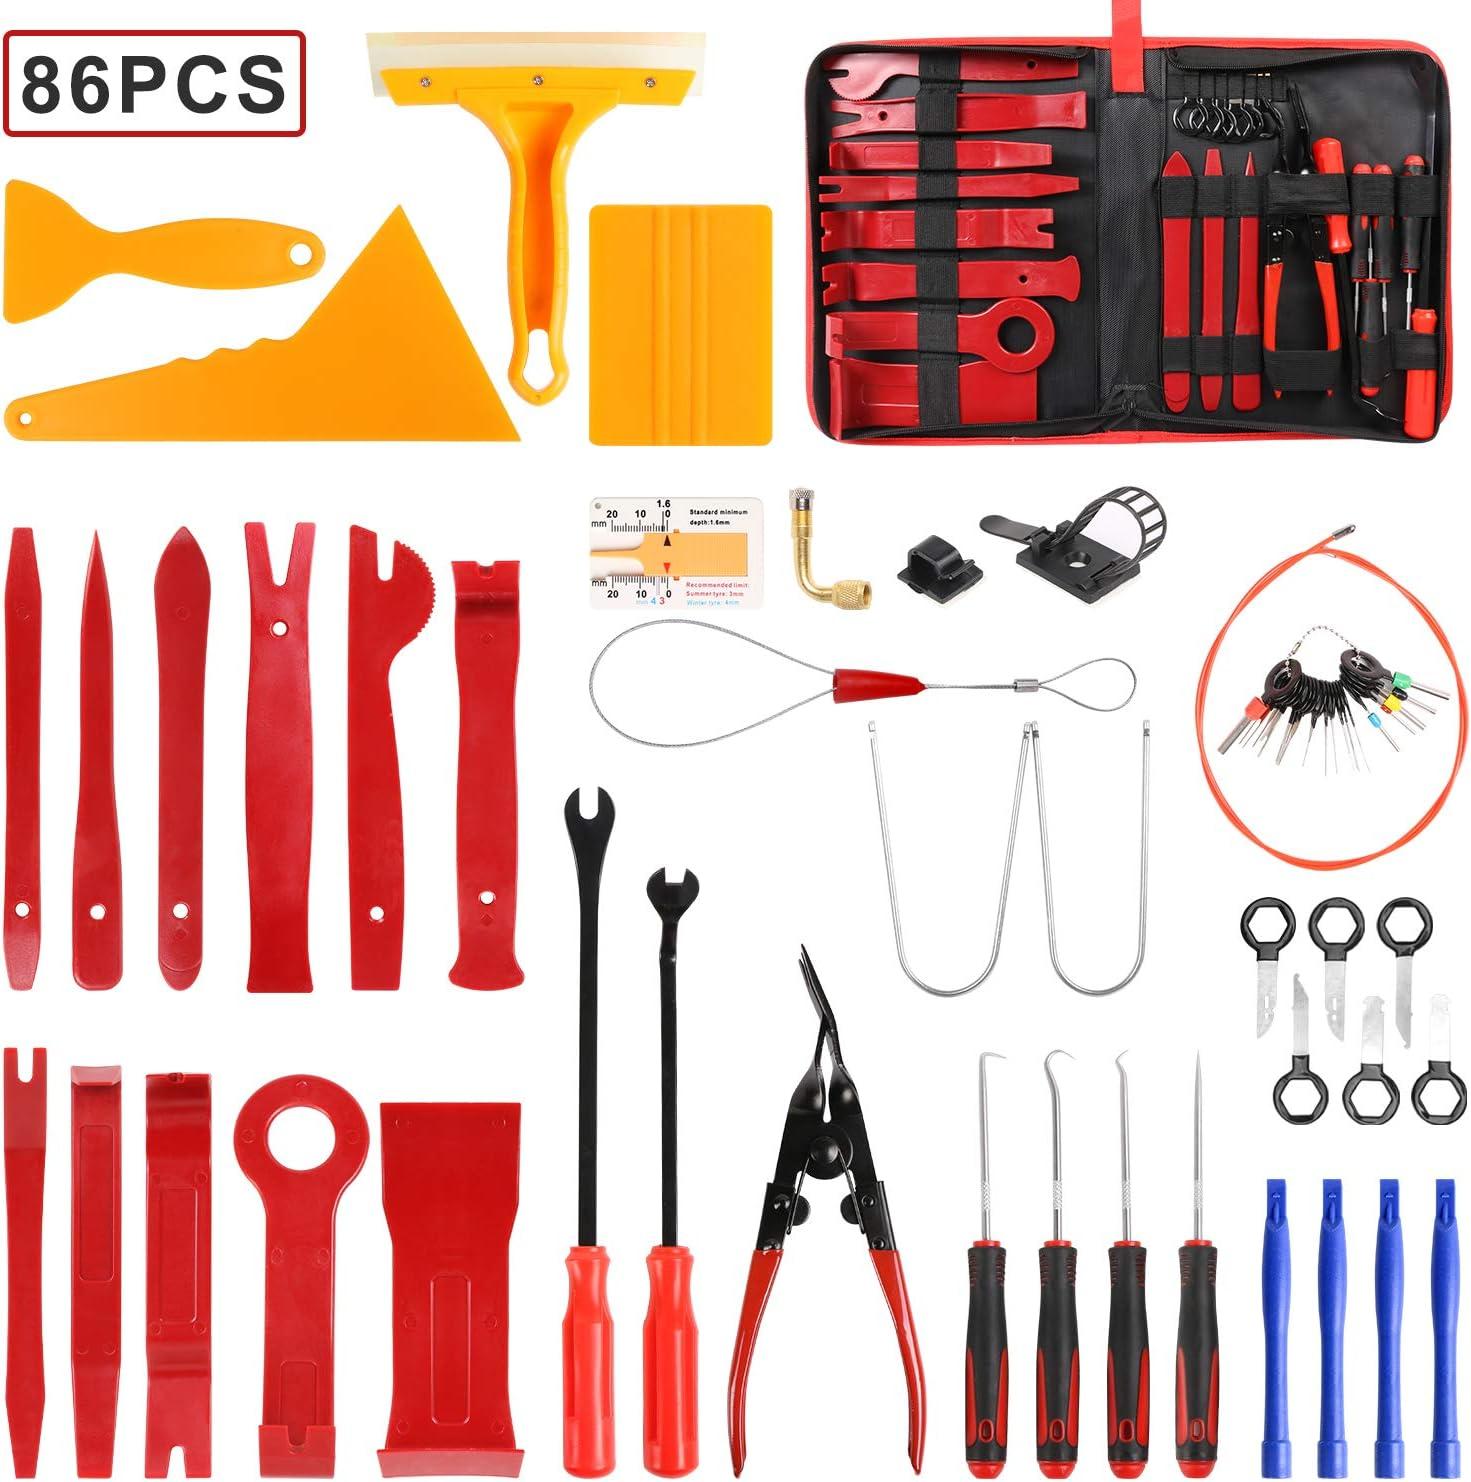 flintronic Herramientas Desmontar, 86PCS Nilón Desmontaje/Eliminación Kit para Desmontar el Salpicadero Radio, Audio Vehículo Interior Recubrimiento Desmontaje (Rojo)